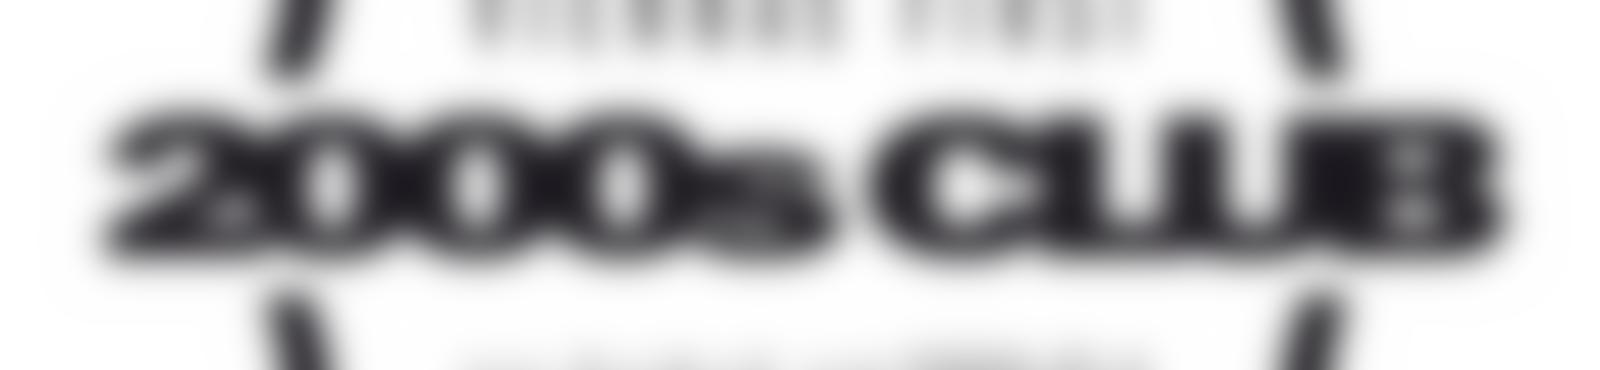 Blurred 1485eb9f 3861 444d a178 9b5af35f9abd